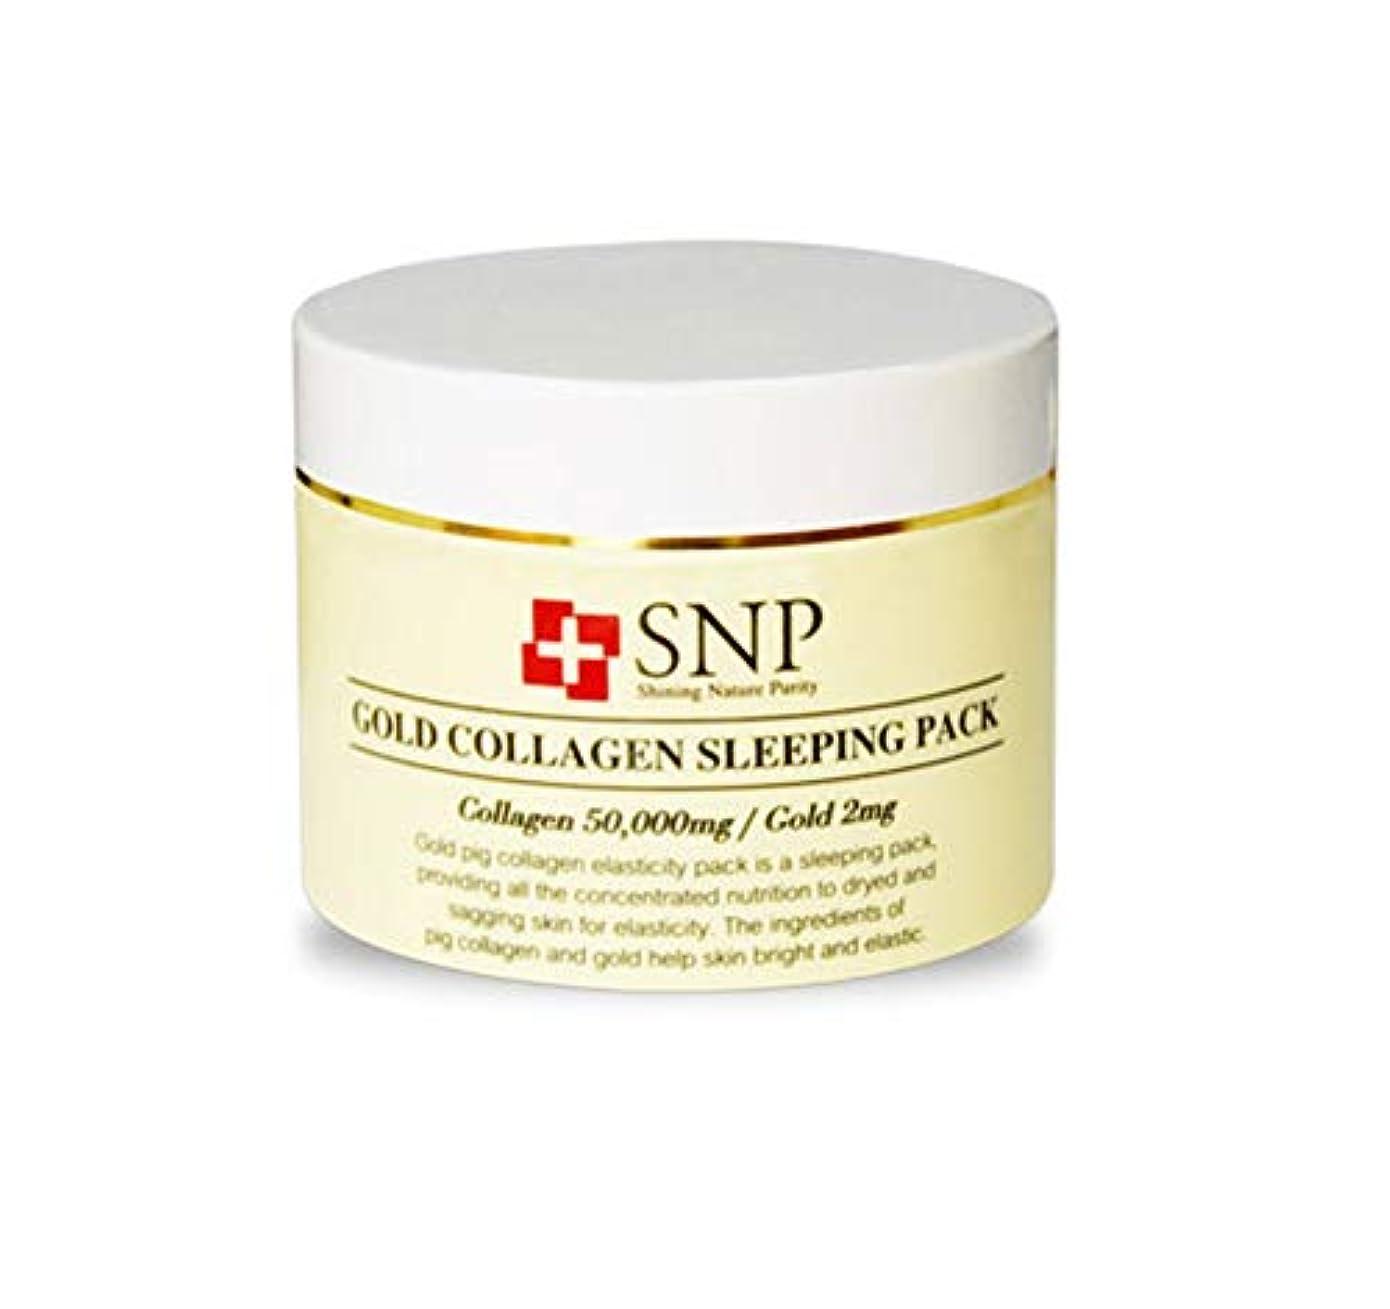 肘掛け椅子ジョリーエスエンピSNP 韓国コスメ ゴールドコラーゲンスリーピングパック睡眠パック100g 海外直送品 SNP Gold Collagen Sleeping Pack Night Cream [並行輸入品]